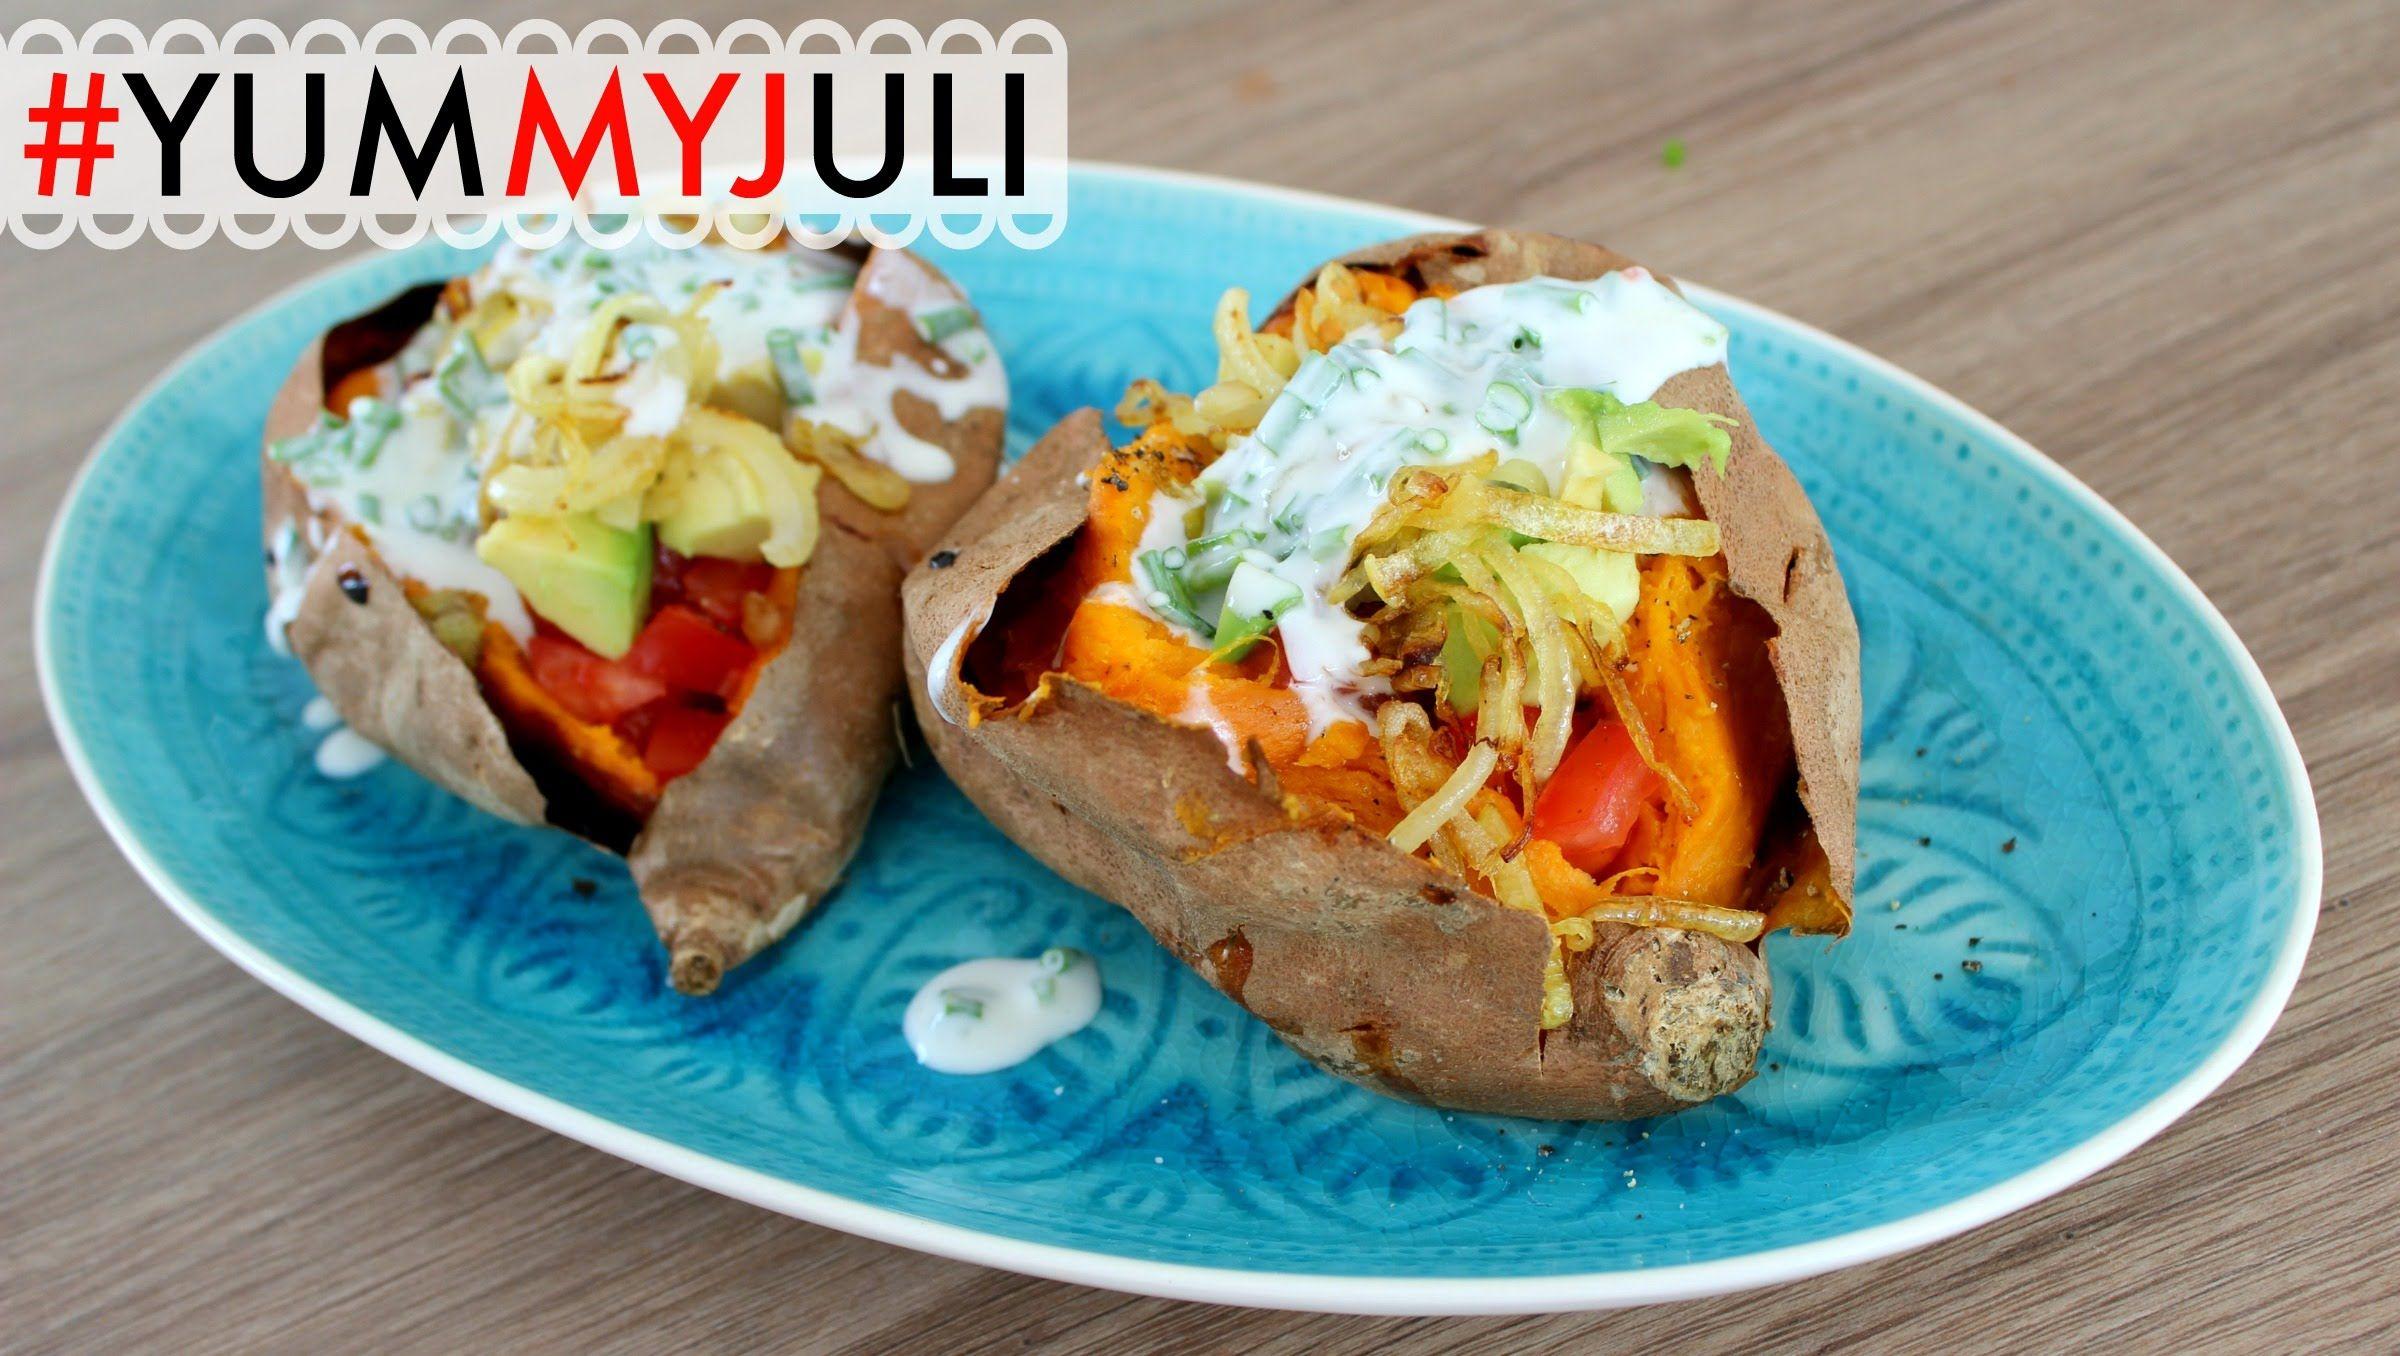 Leichte Sommer Küche Rezepte : Gefüllte süßkartoffeln leichte sommerküche yummyjuli